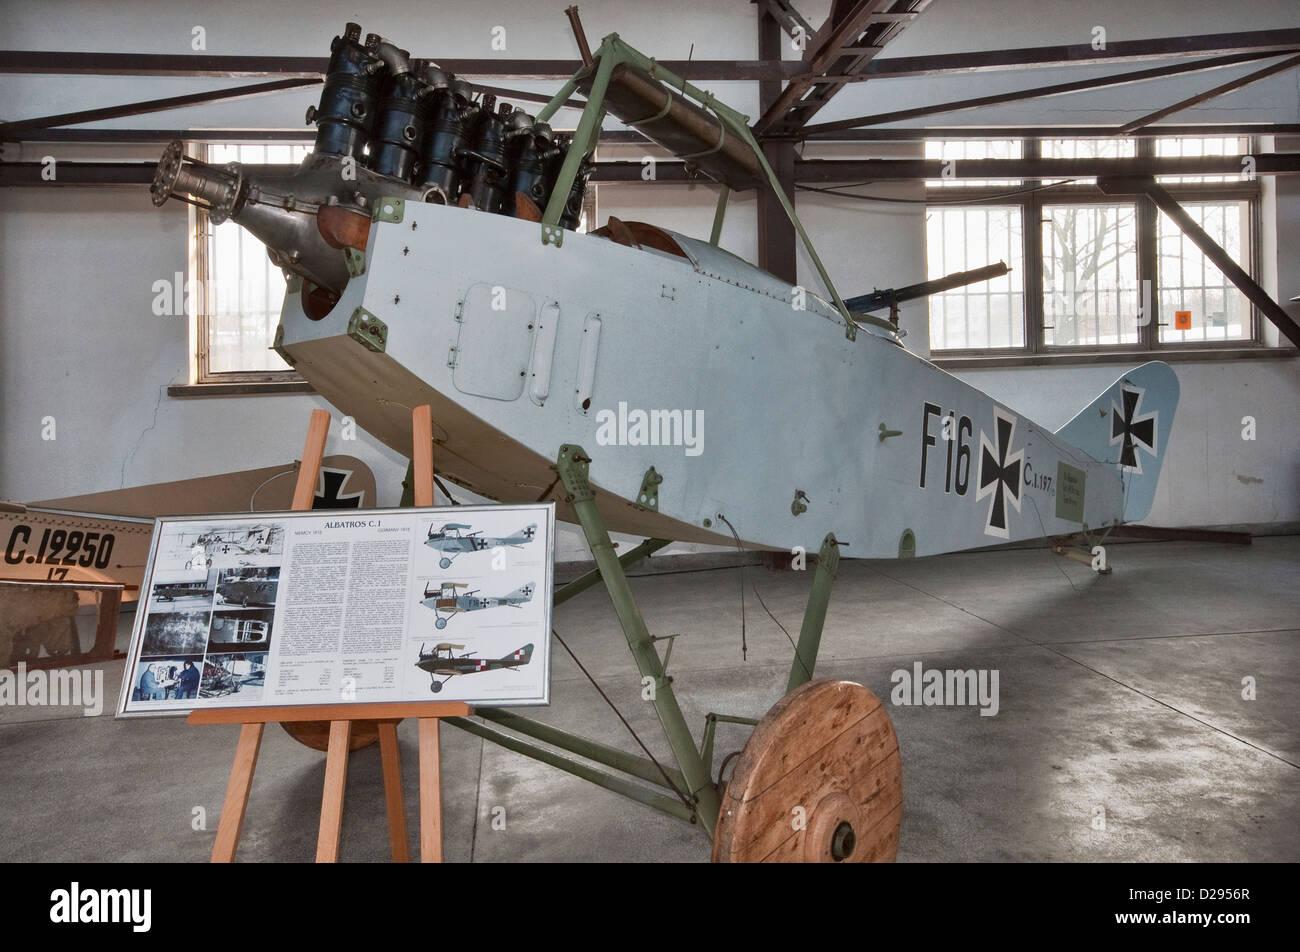 Au sujet des teintes de vernis des avions allemands 1914/1916 Fuselage-of-1915-albatros-ci-ww1-german-fighter-biplane-polish-aviation-D2956R